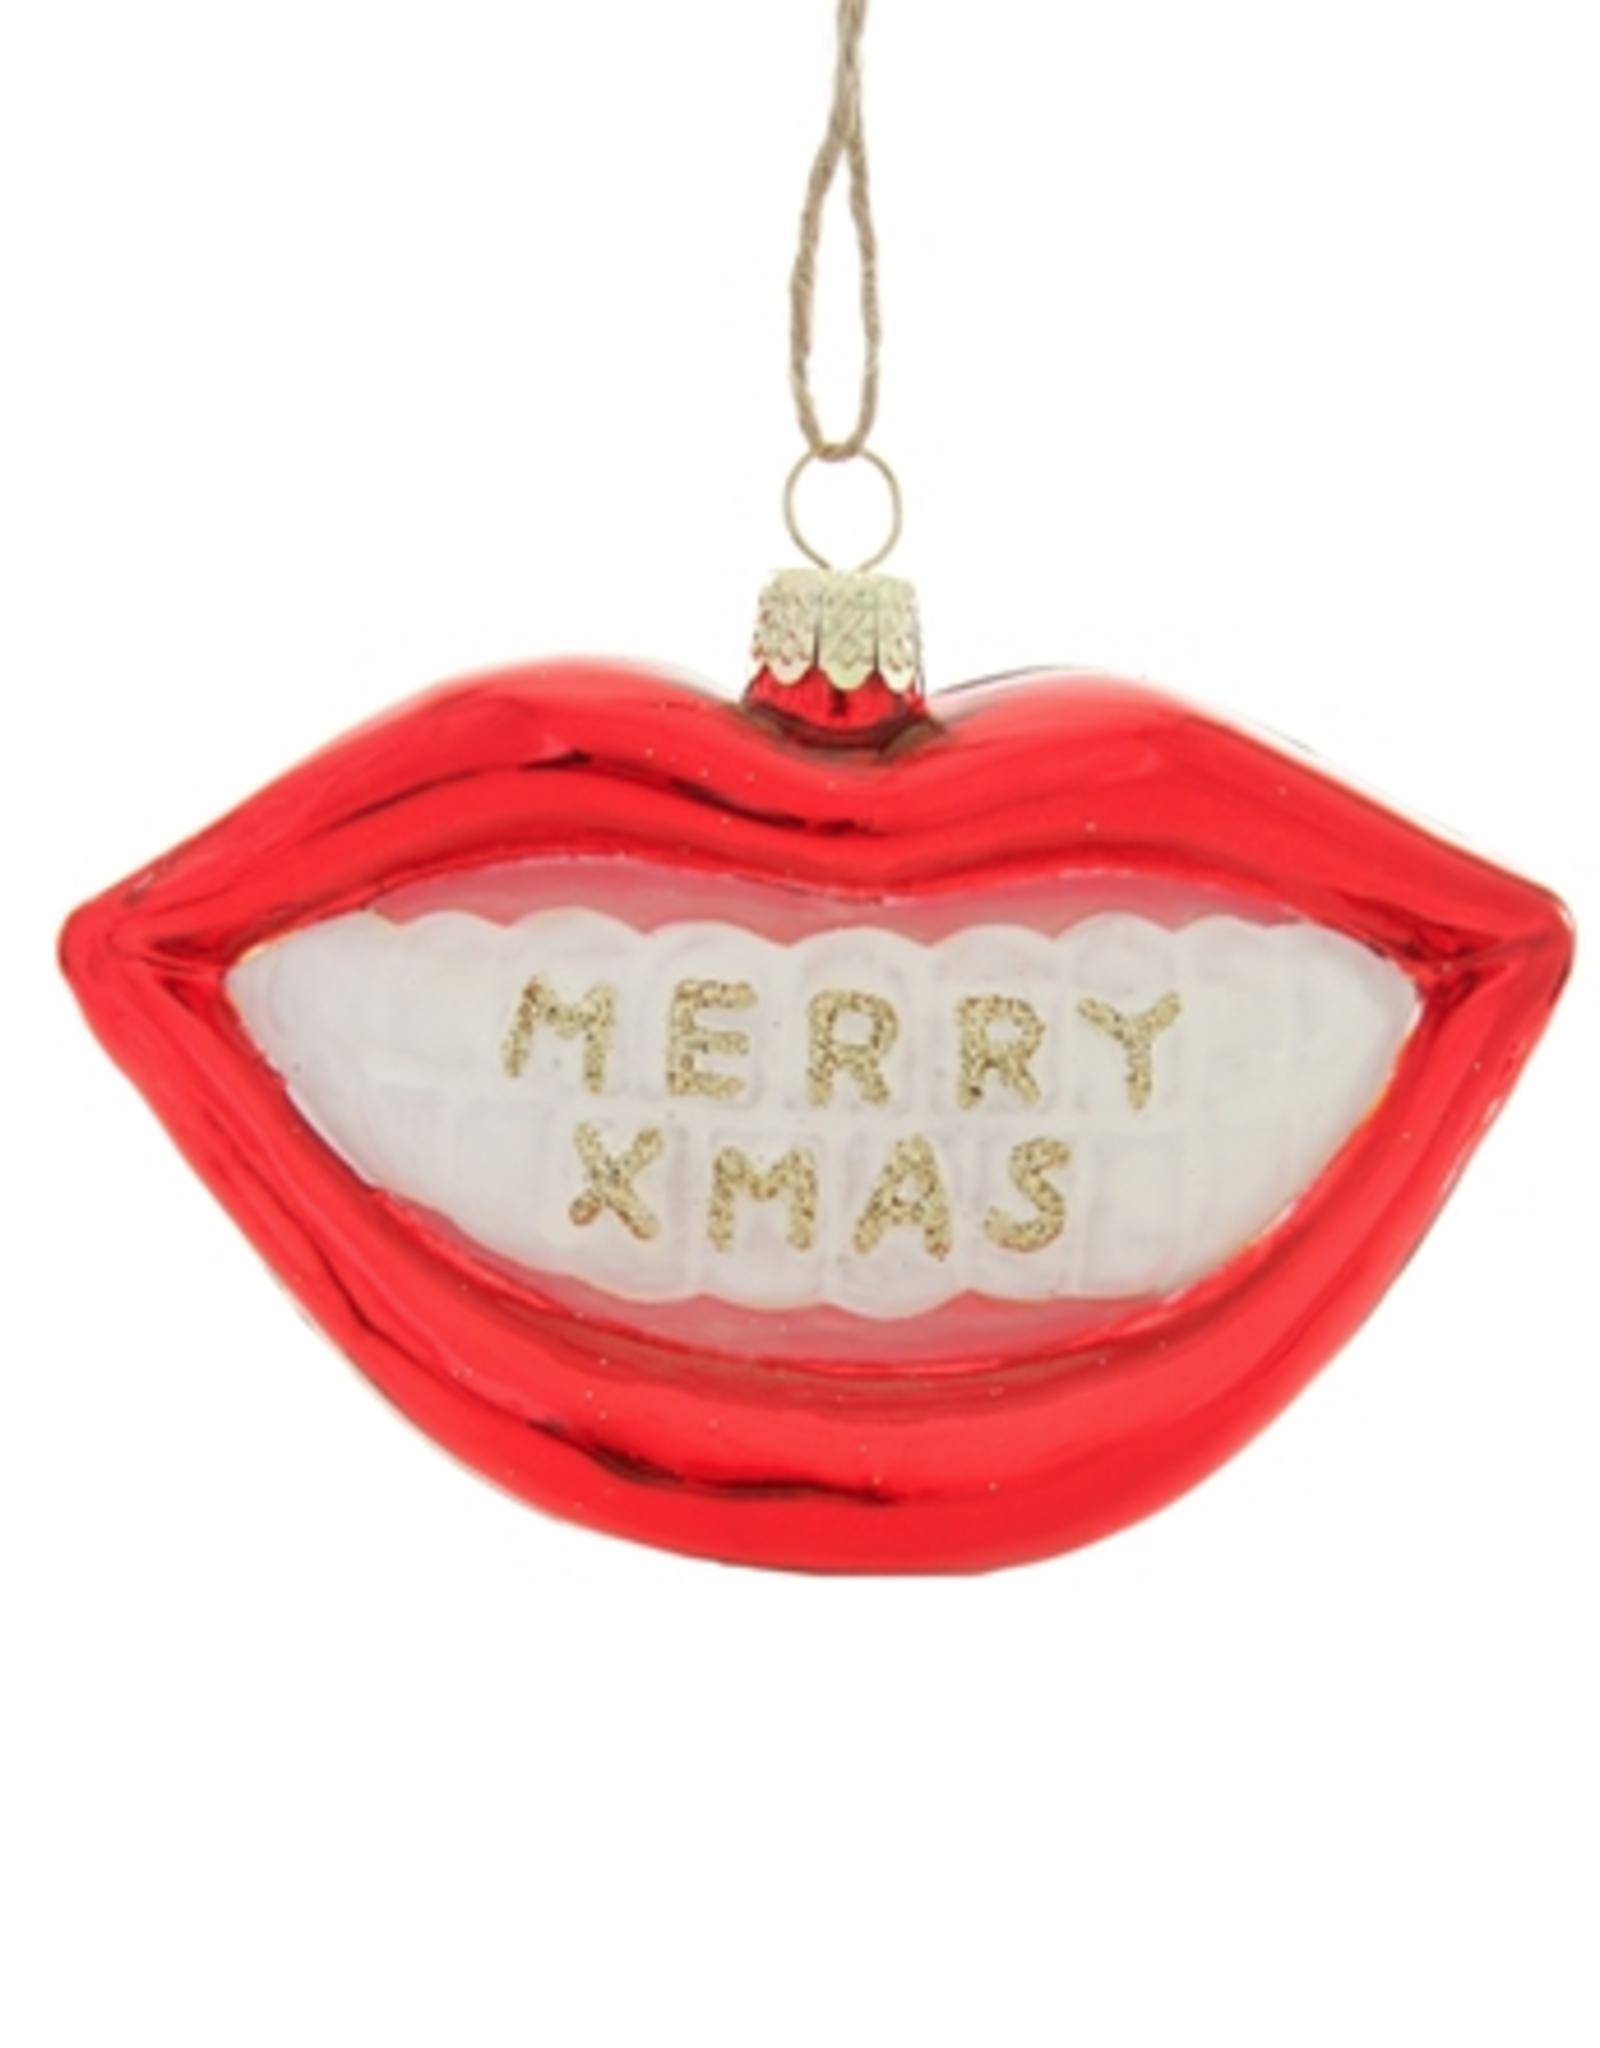 Grills Merry Xmas Ornament